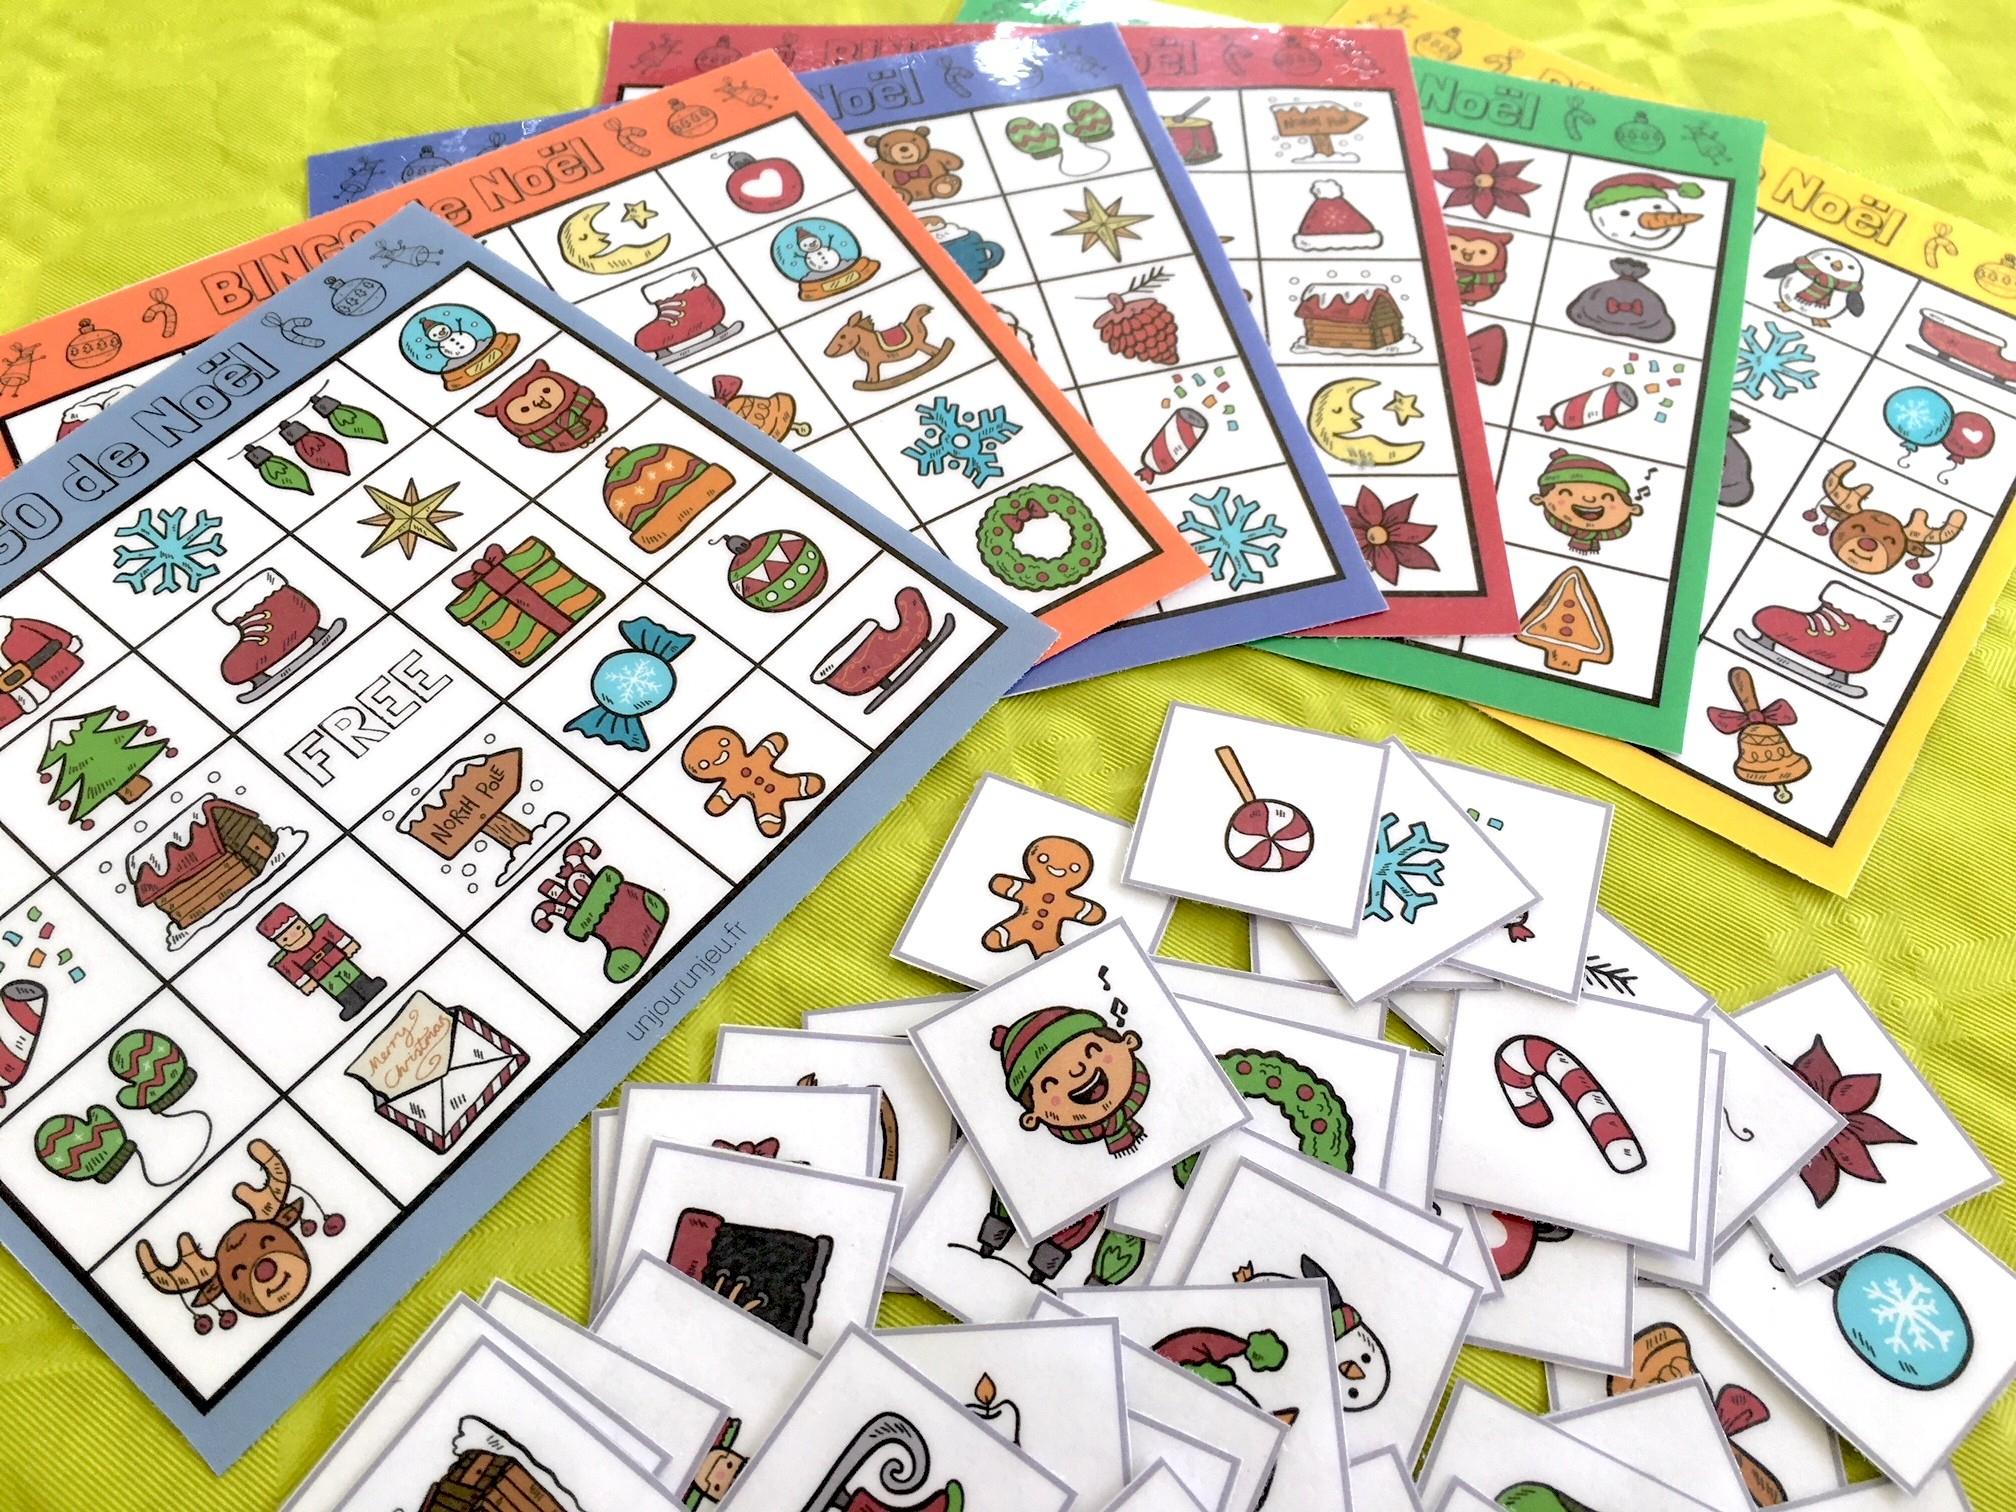 Jeu De Noël : Bingo À Télécharger Gratuitement Pour Vos Enfants serapportantà Jeux Facile Pour Petit Gratuit